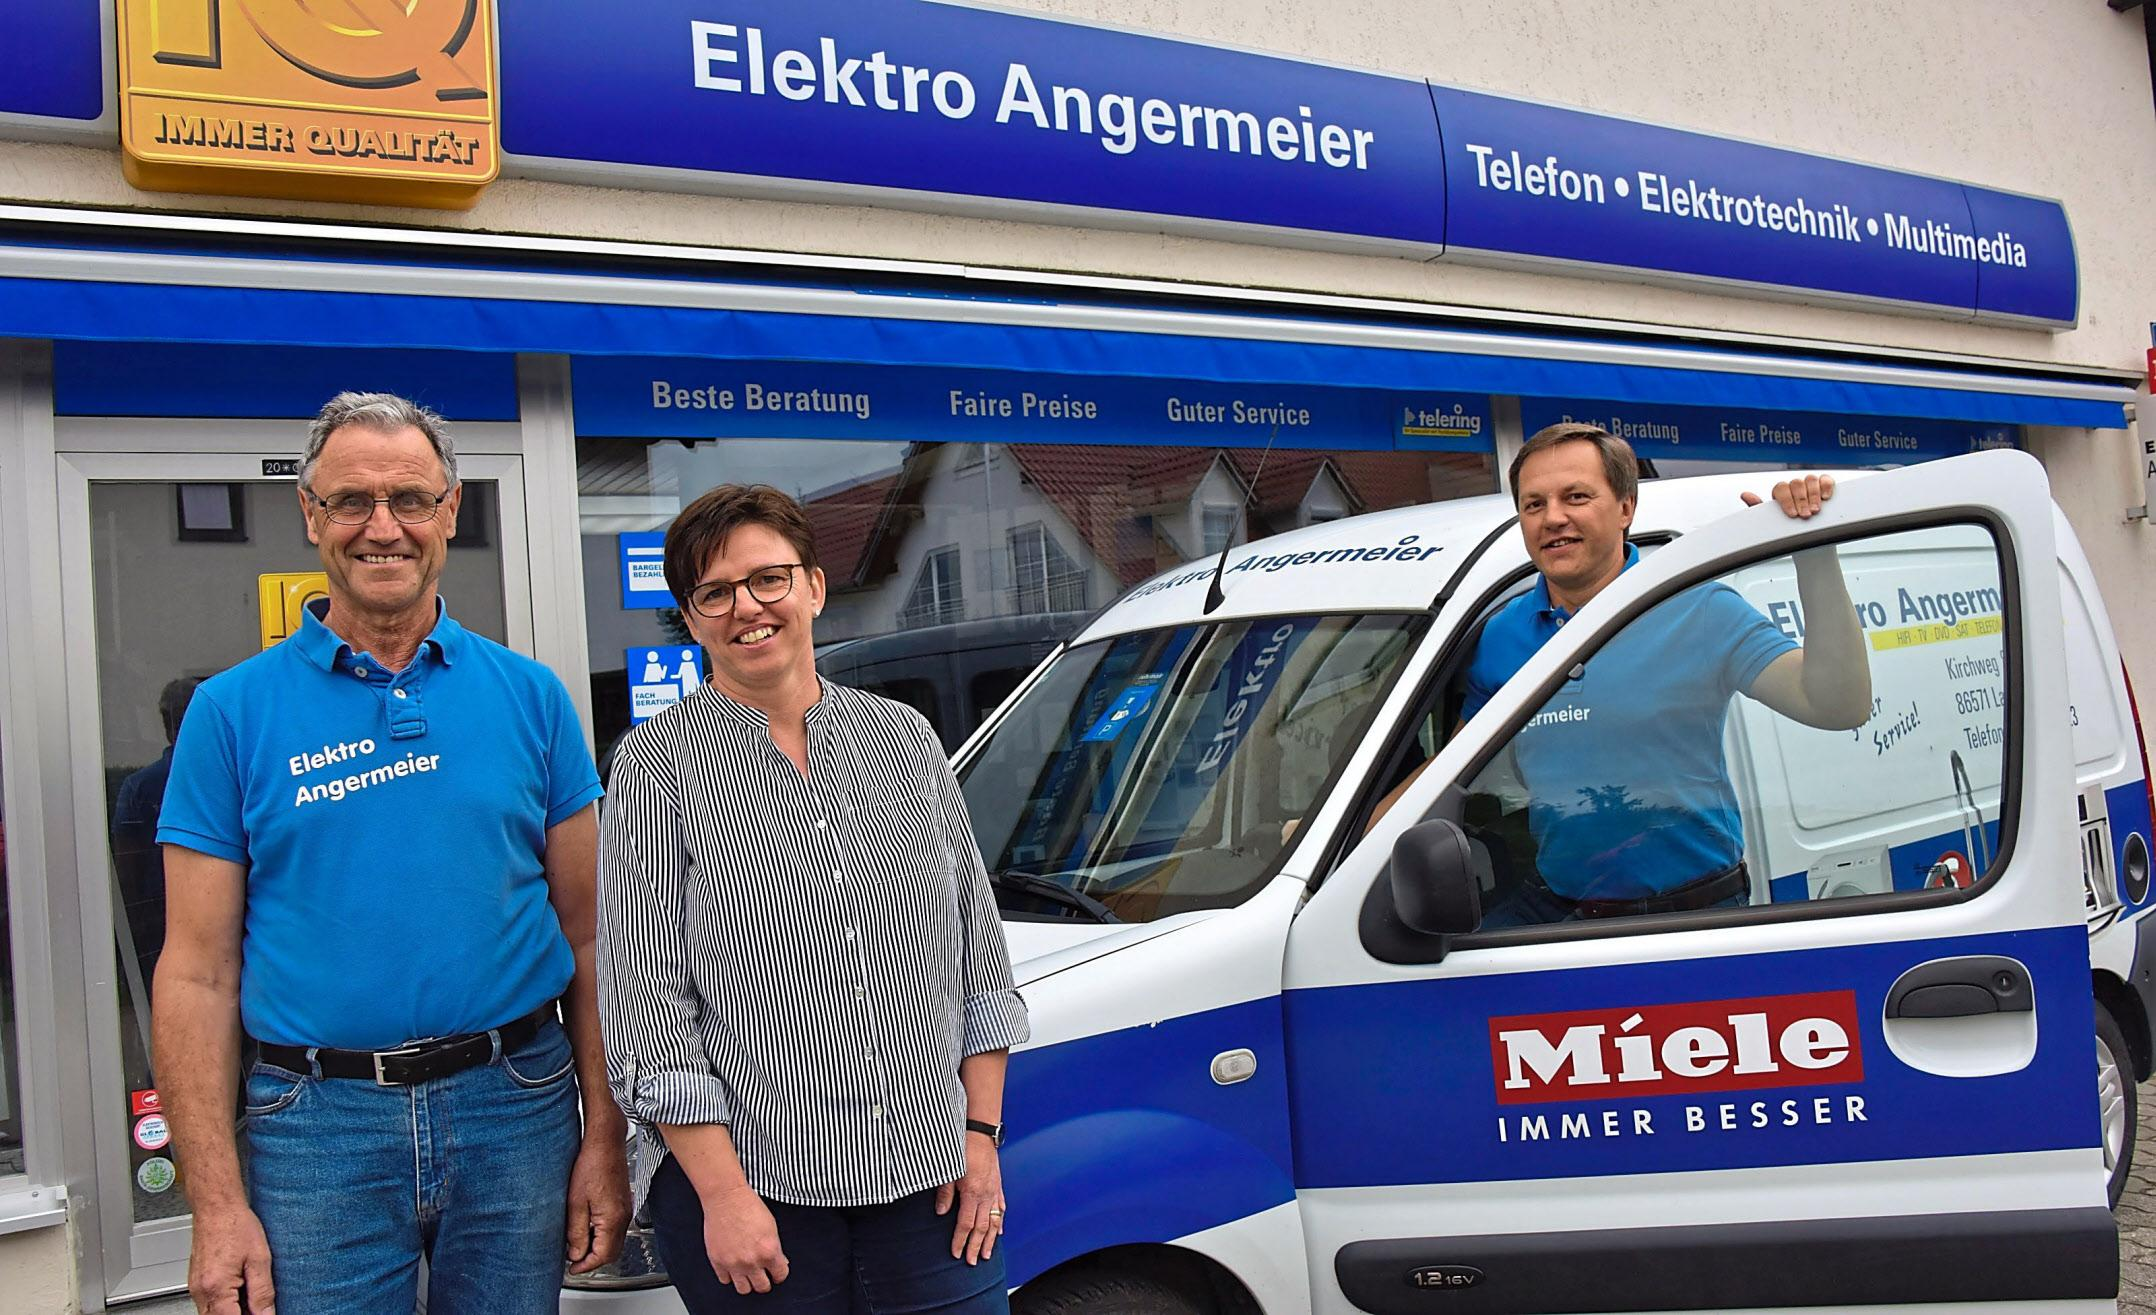 Ein flexibles Team: Elektrikermeister Helmut Angermeier (v.r.), Karin Neumair und Obermonteur Georg Euba erfüllen Kundenwünsche individuell und zuverlässig. Fotos: Hammerl